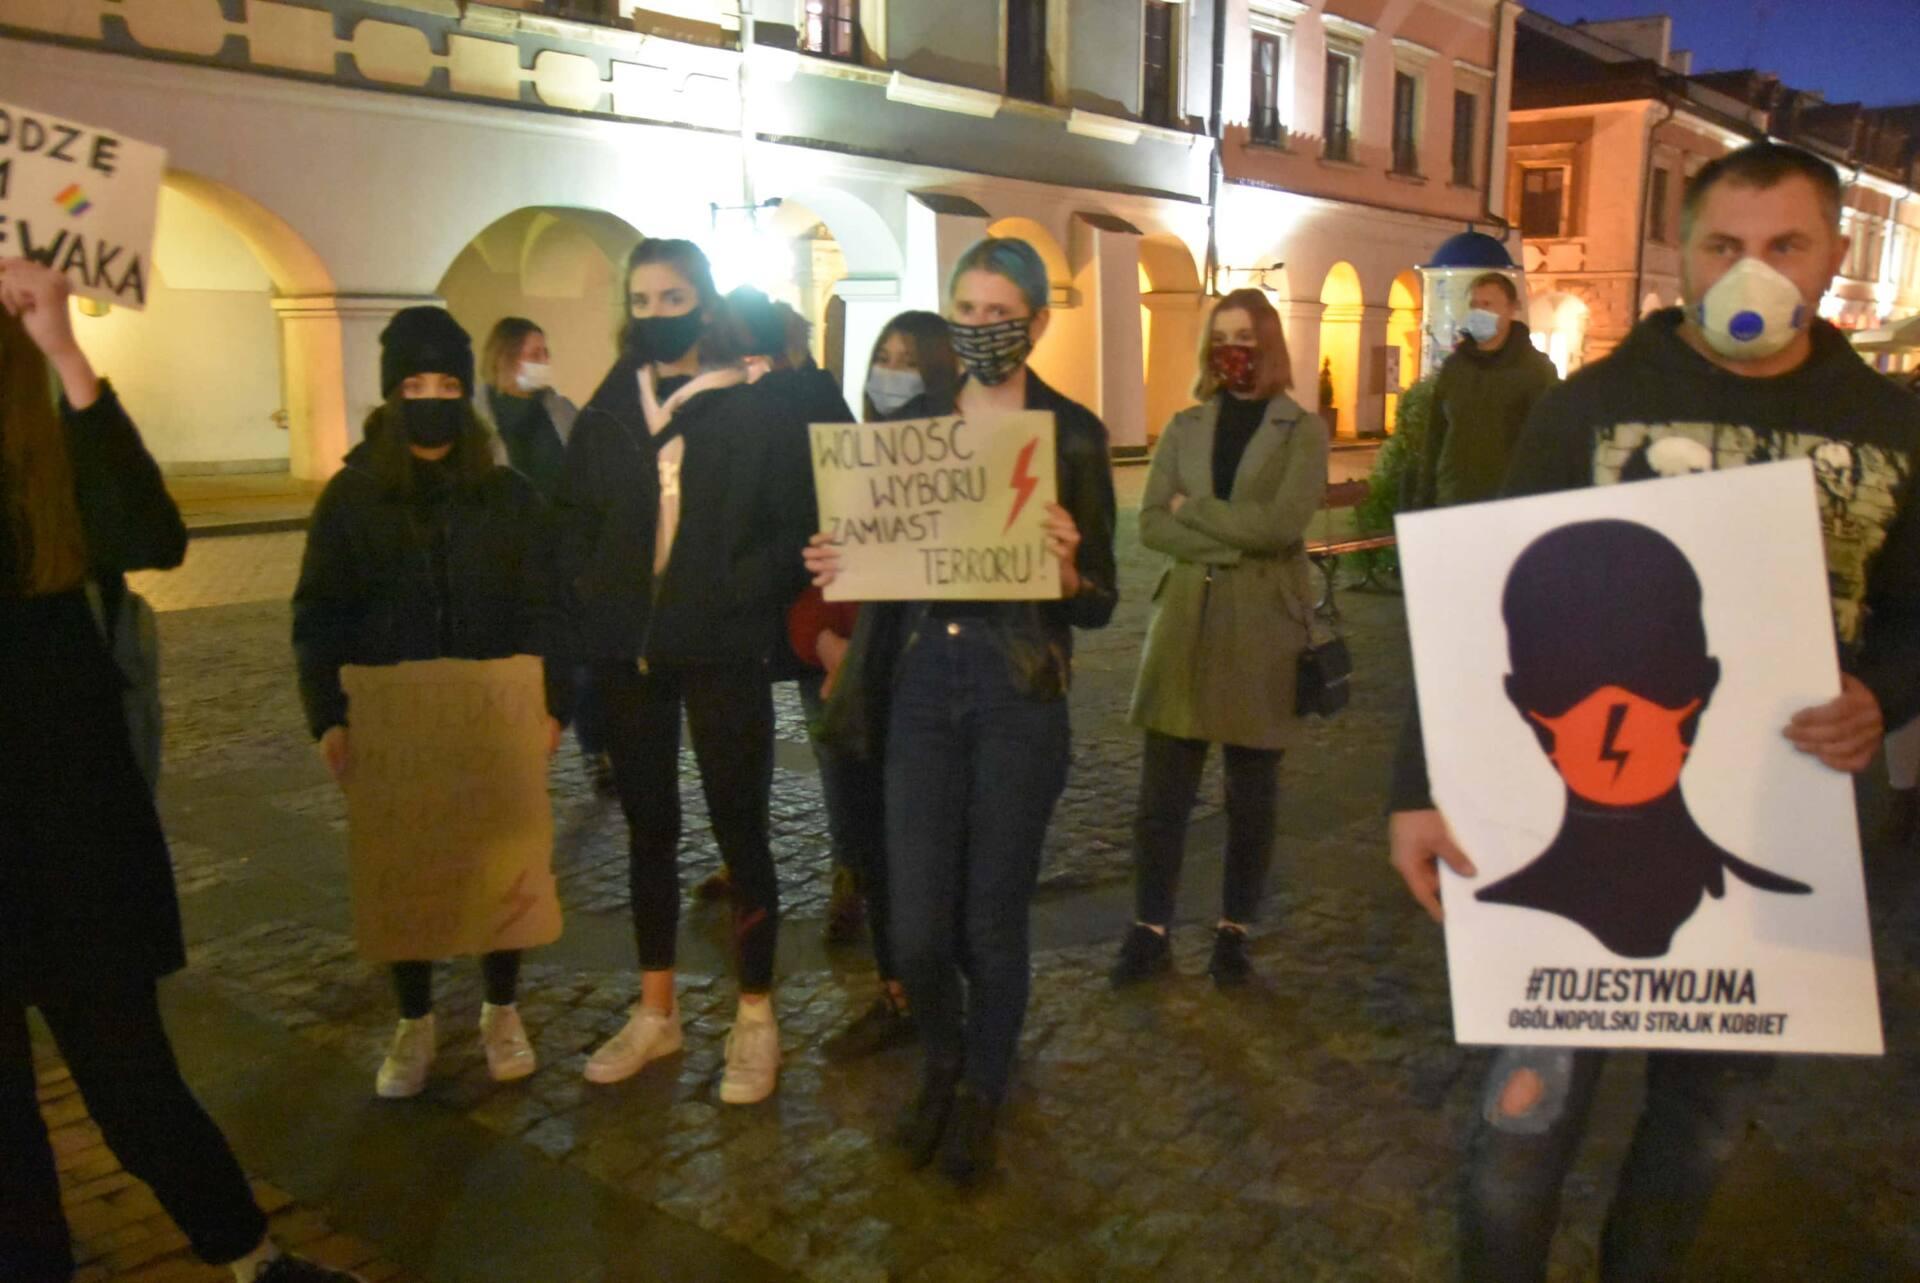 dsc 3097 Strajk Kobiet w Zamościu (zdjęcia)